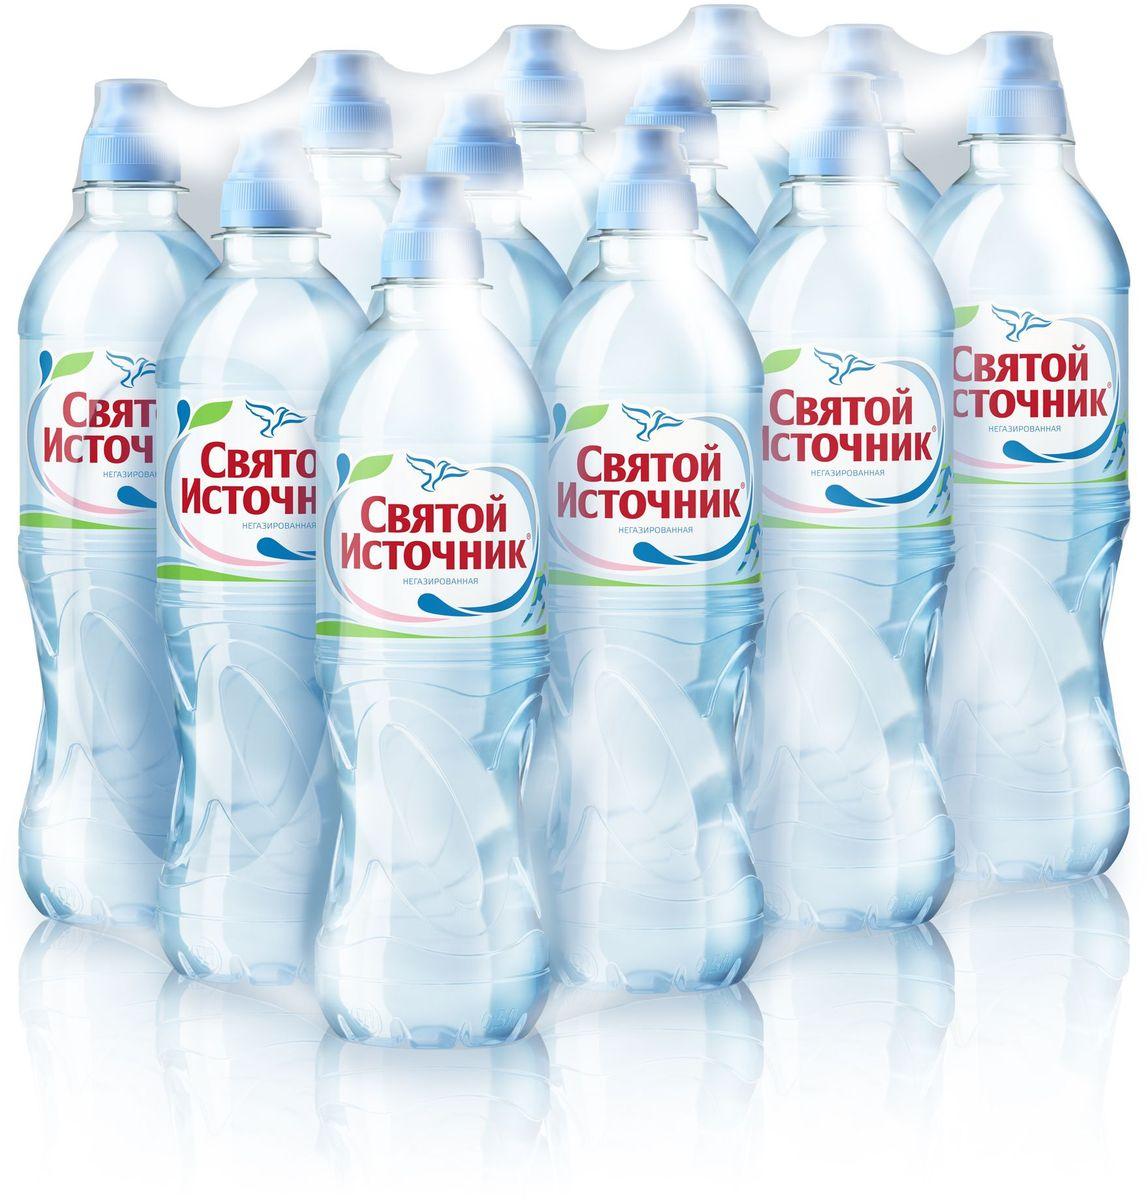 Святой Источник вода Спорт природная питьевая негазированная, 12 шт по 0,5 л 4603934000229